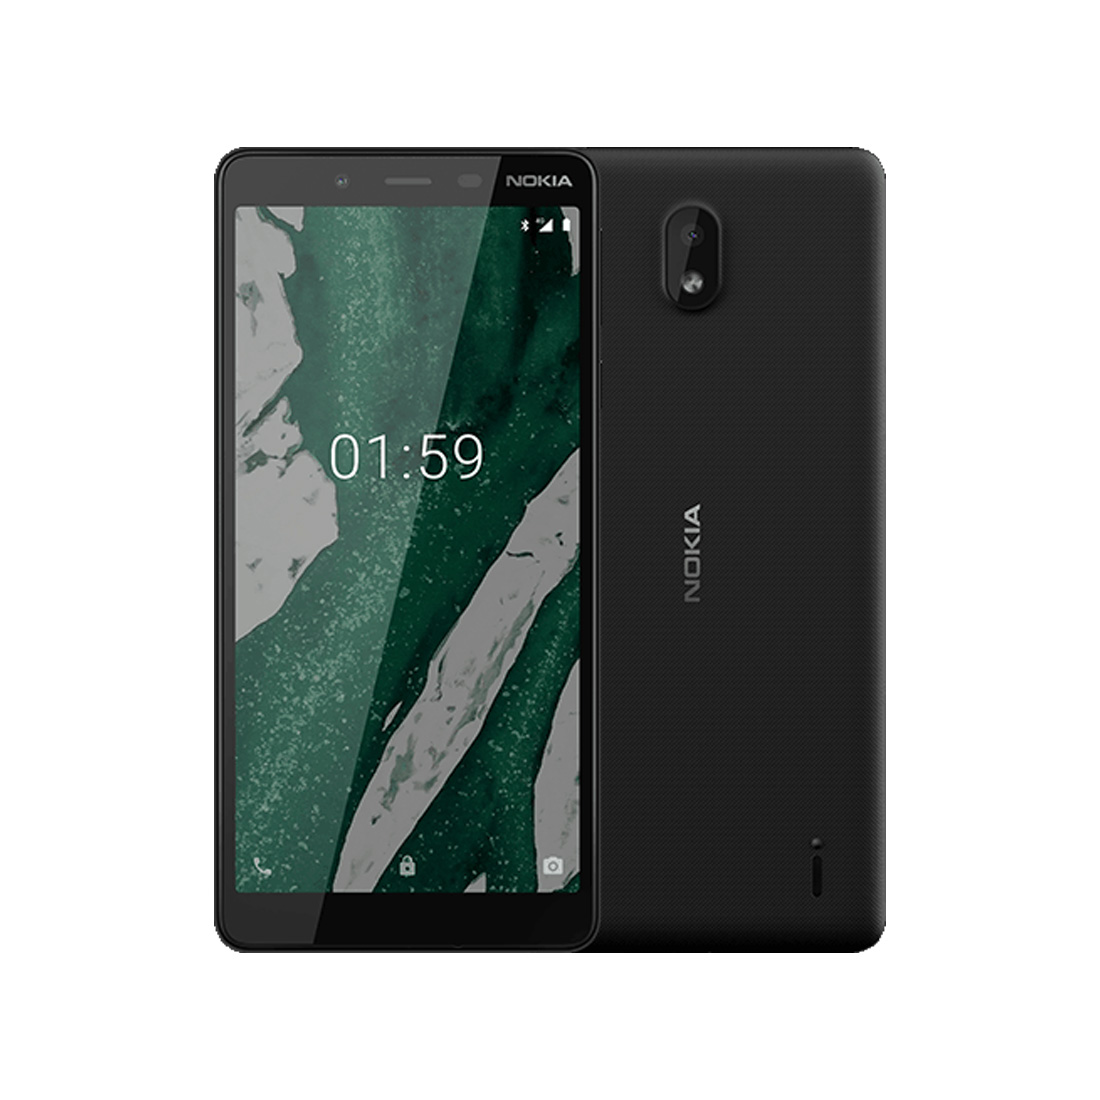 """Nokia 1 Plus (5.45"""", 8MP, 8GB/1GB) - Black"""